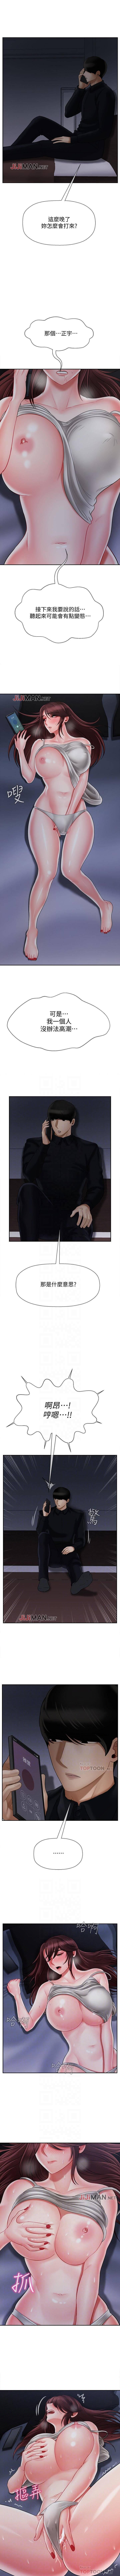 【已休刊】坏老师(作者:朴世談&福) 第1~31话 154